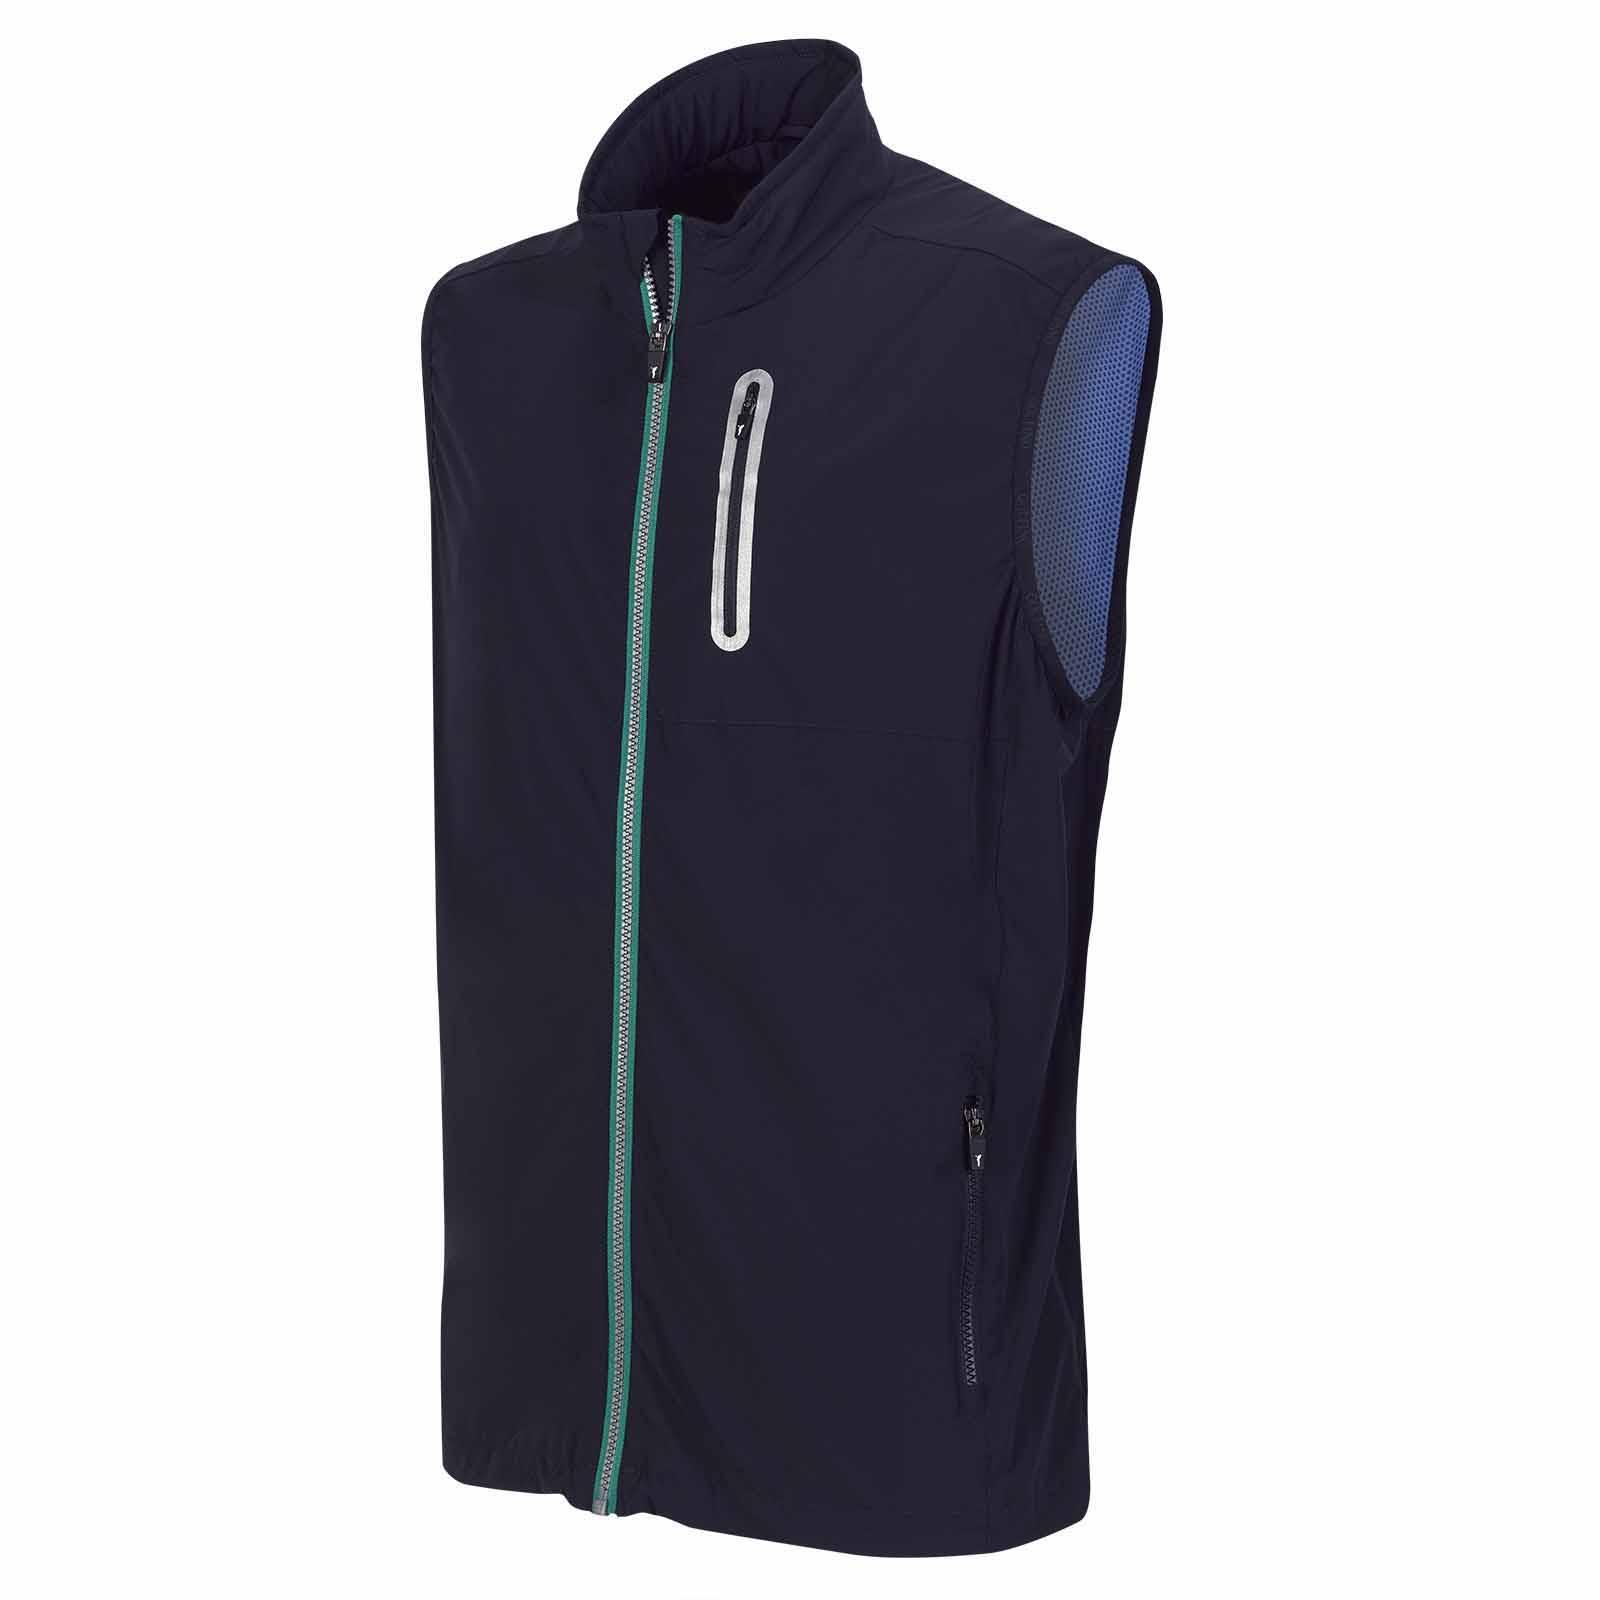 Herren Golfweste mit Extra Stretch Komfort im Pro-Look